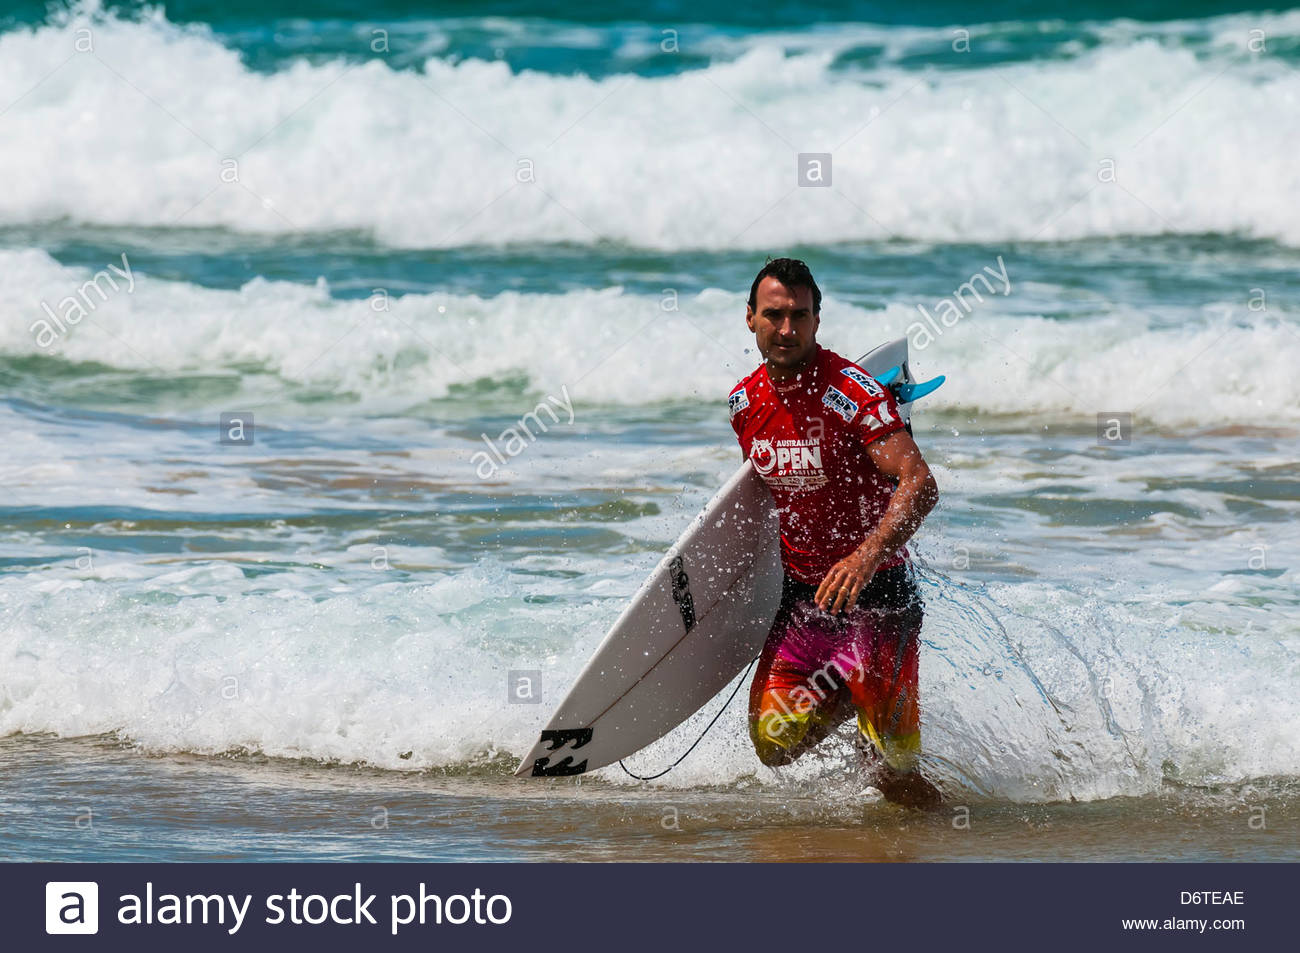 Pro surfer a competere in Australian Open di surf, Manly Beach, Sydney, Nuovo Galles del Sud, Australia Foto Stock